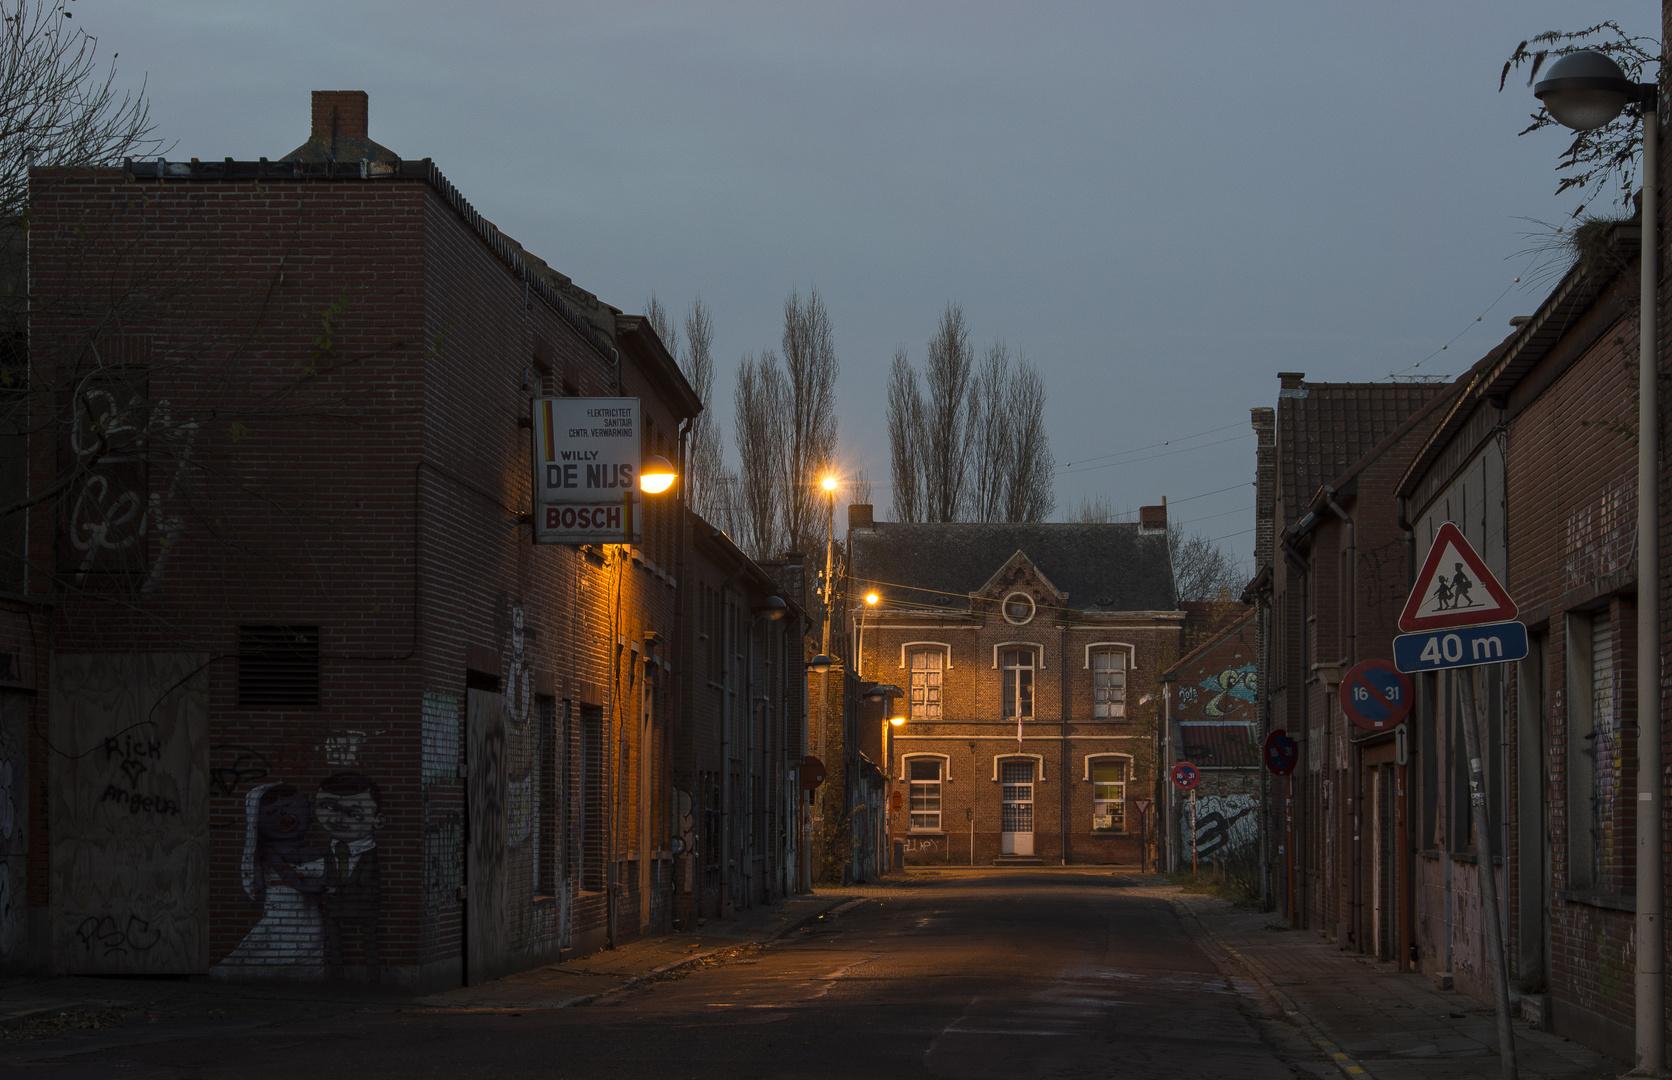 142 - Vissersstraat - Engelsesteenweg